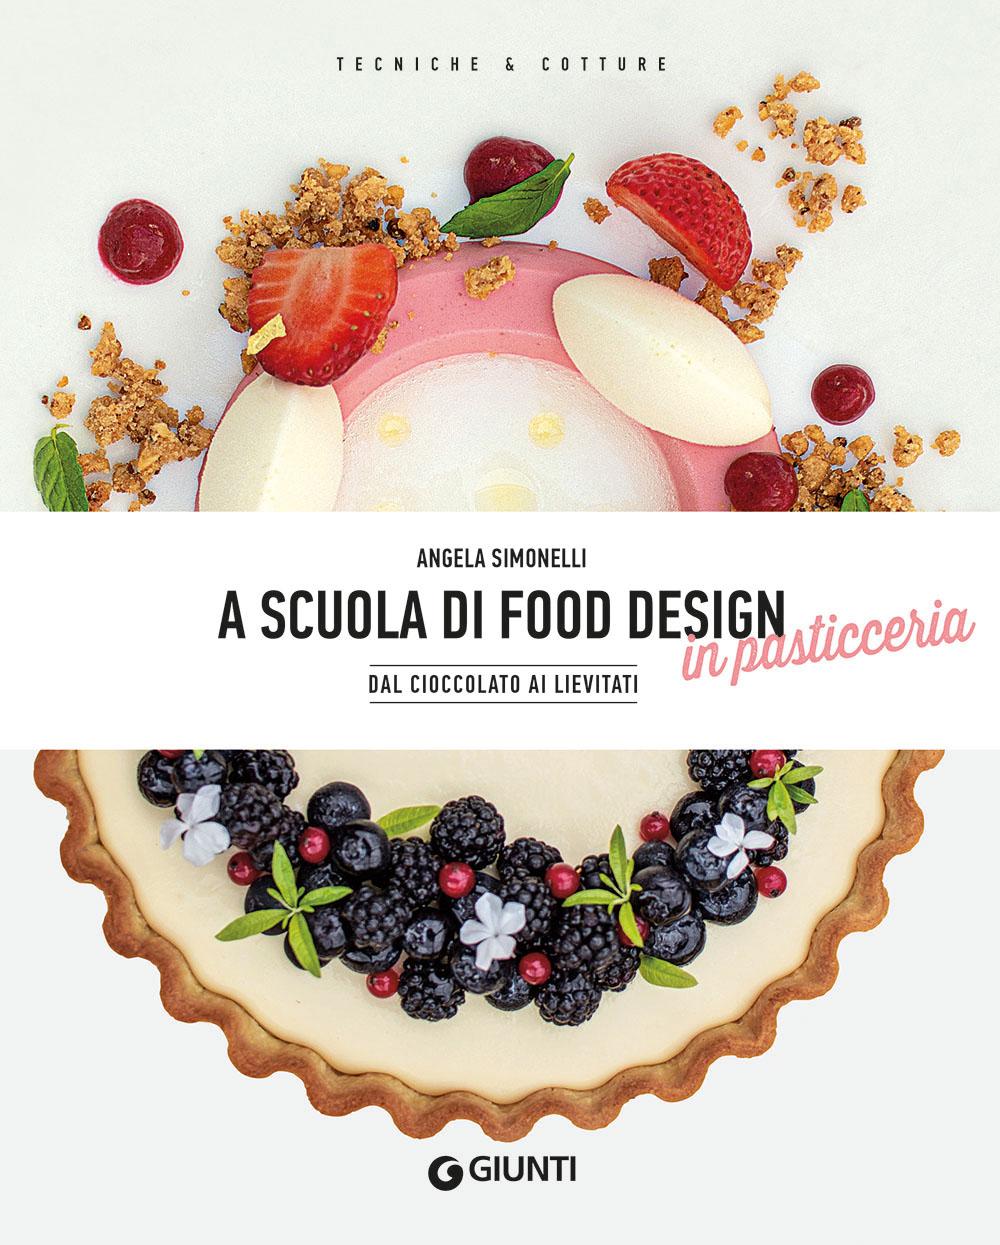 A scuola di food design in pasticceria